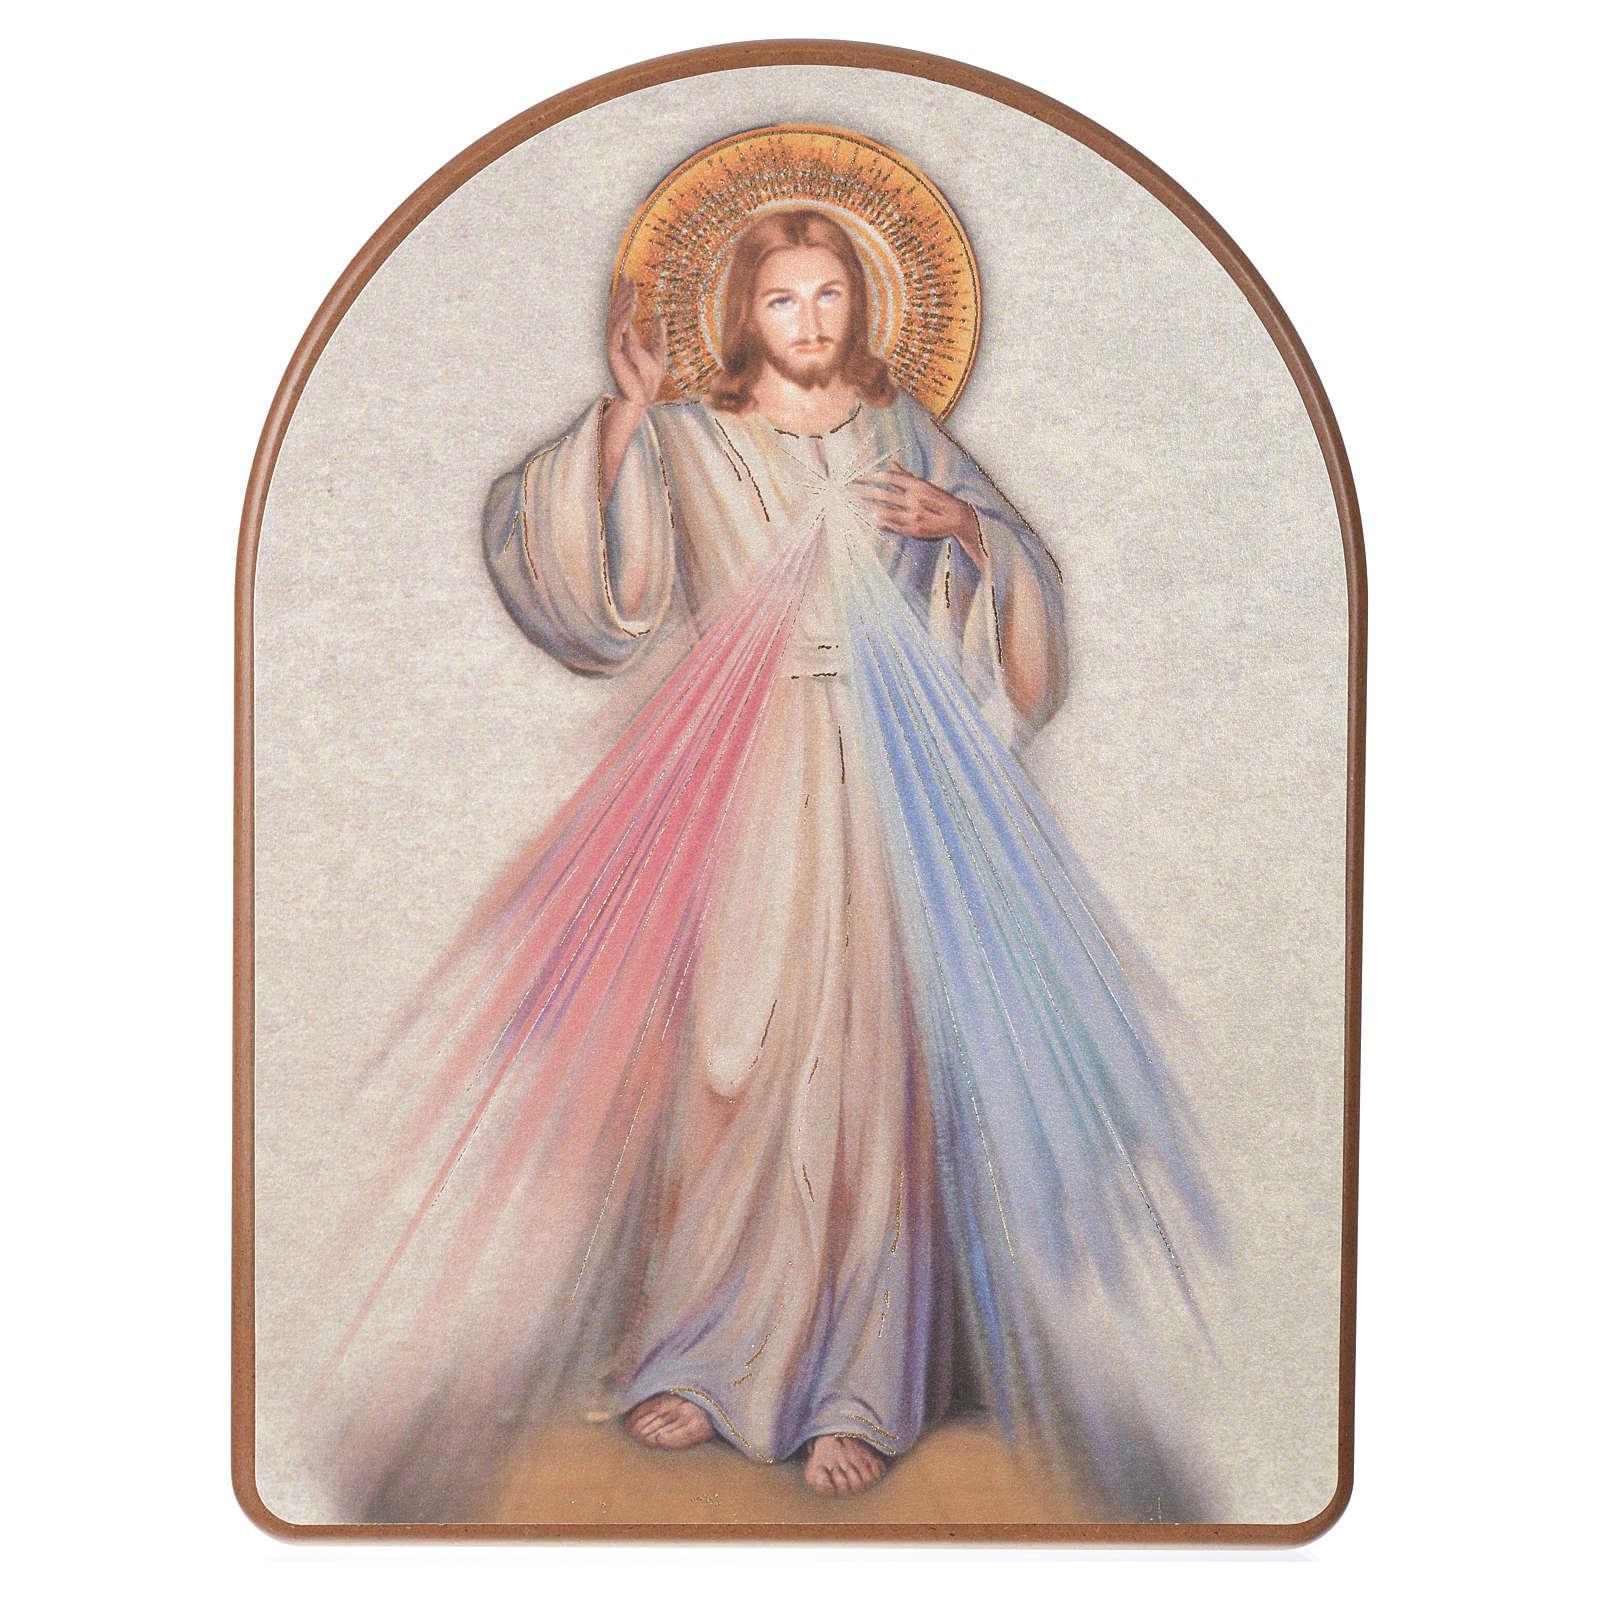 Druckbild auf Holz Barmherziger Jesus 15x20 cm 3